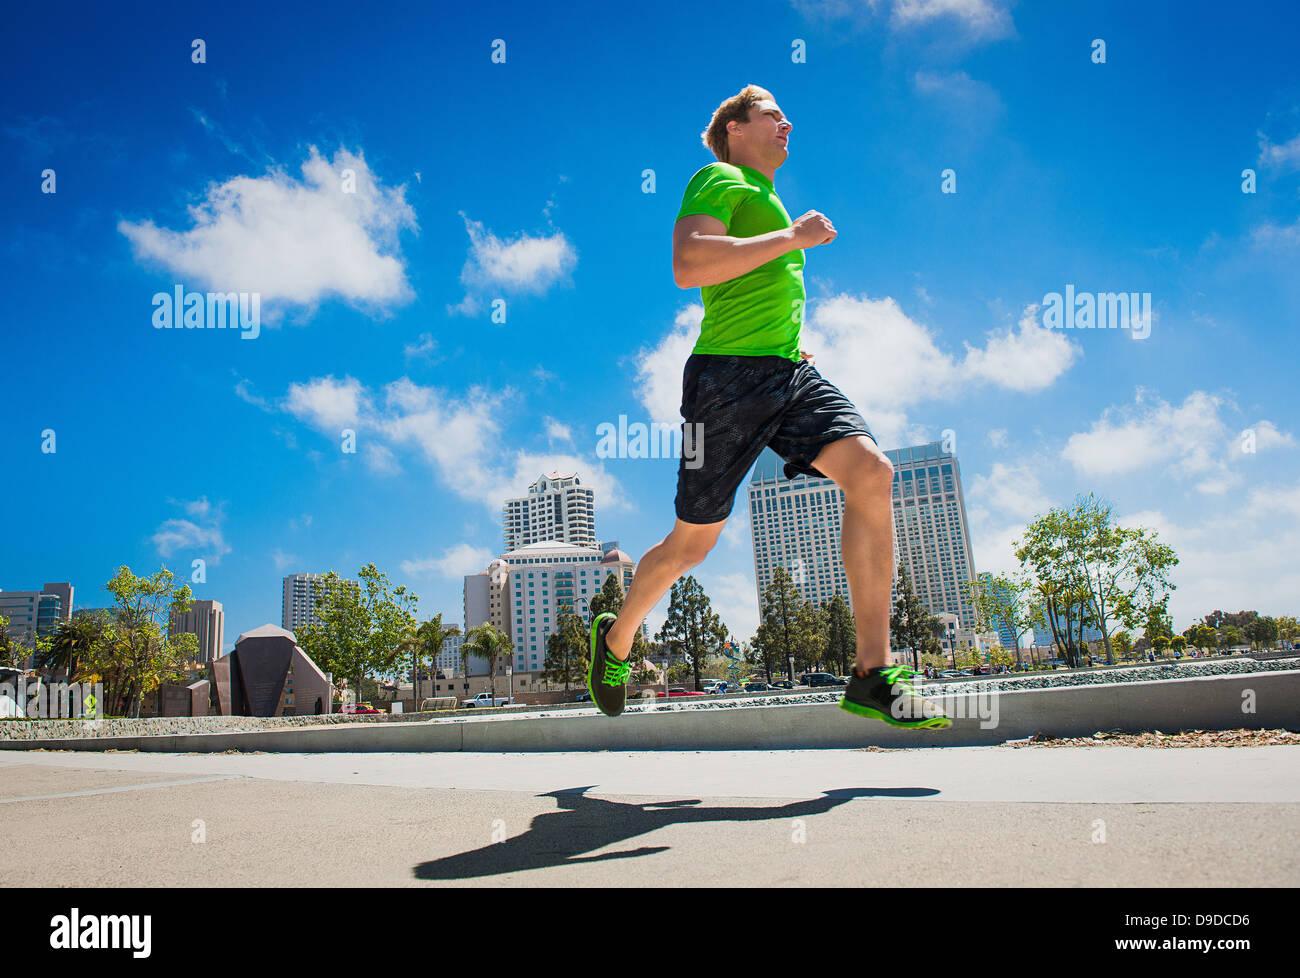 Giovane uomo jogging in città Immagini Stock